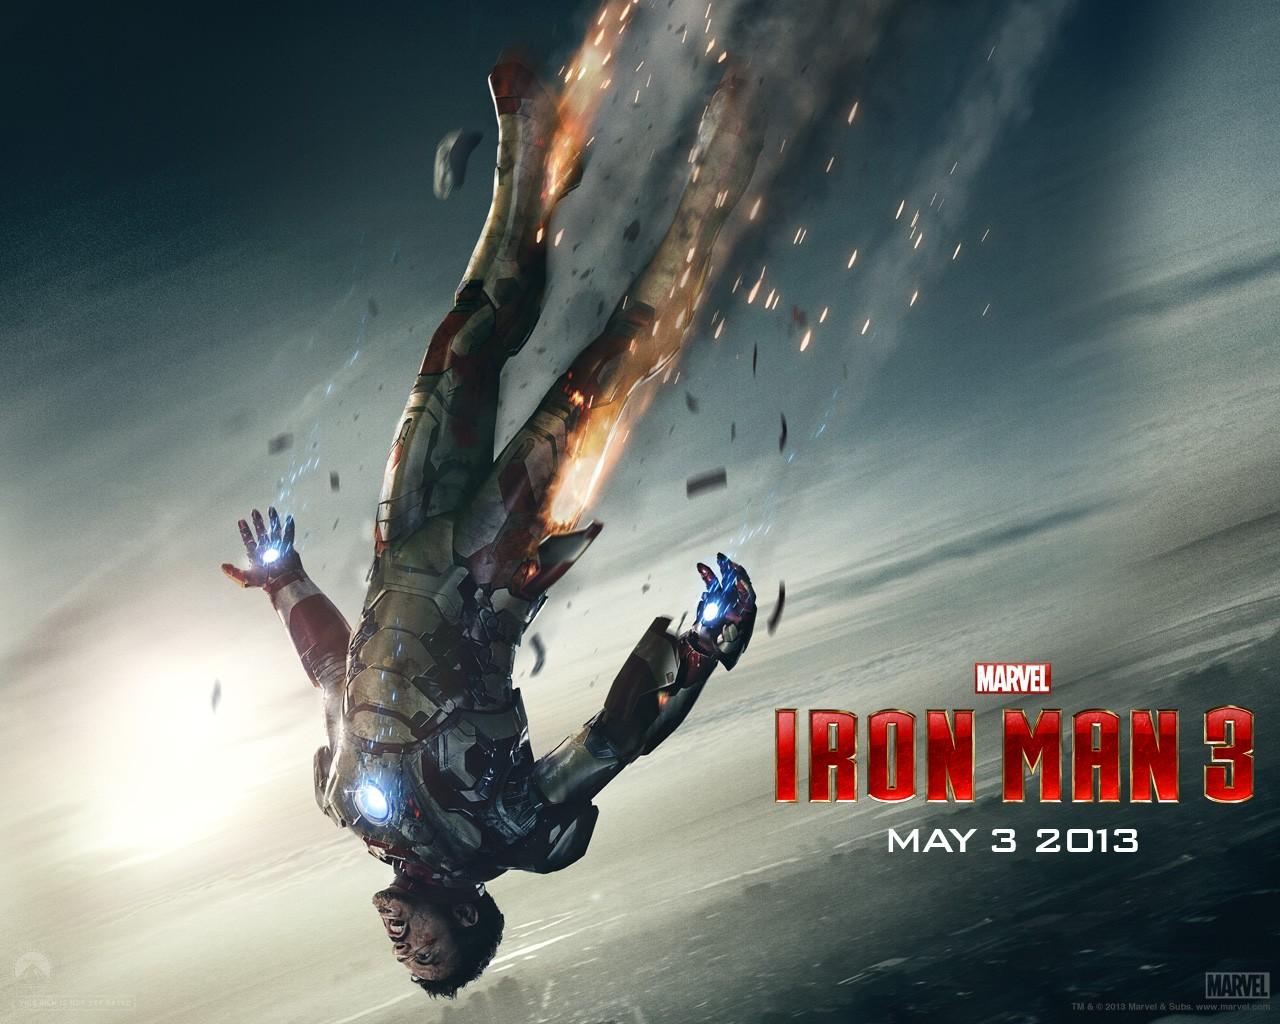 Iron-Man-3-2013-iron-man-33873825-1280-1024